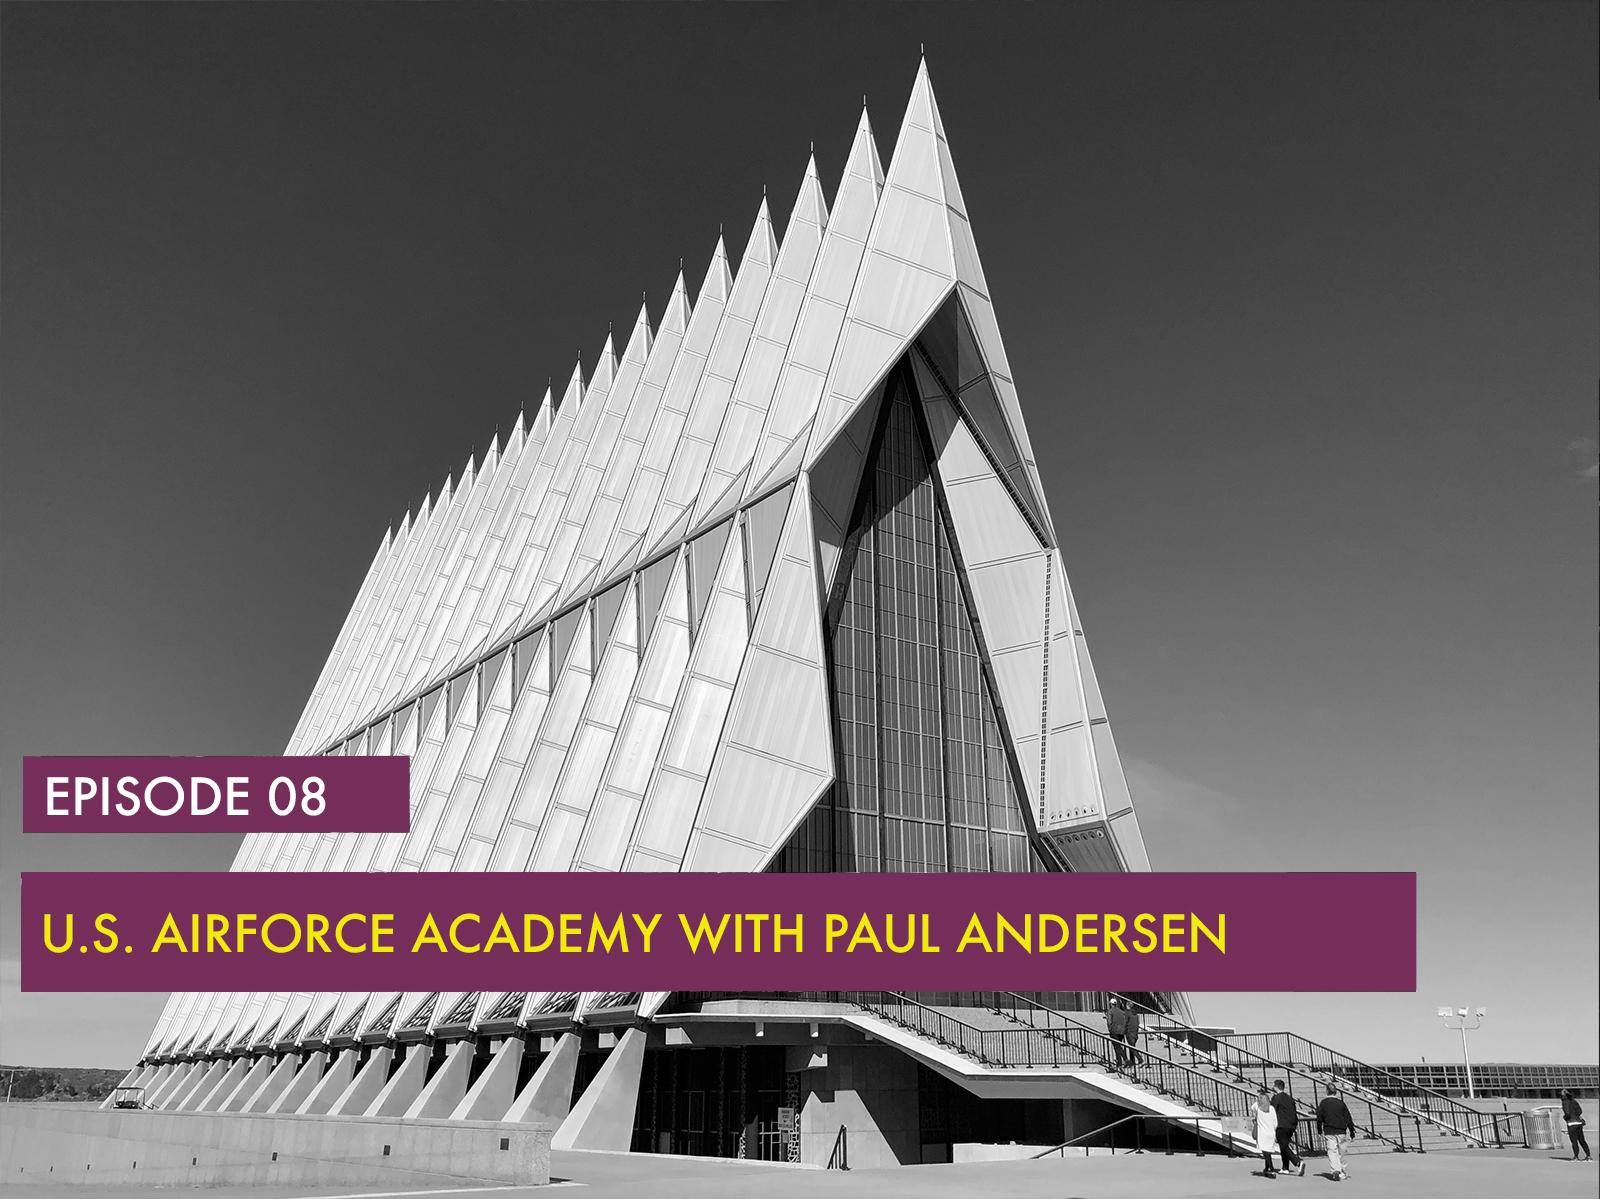 Episode08_PaulAndersen (1).jpg